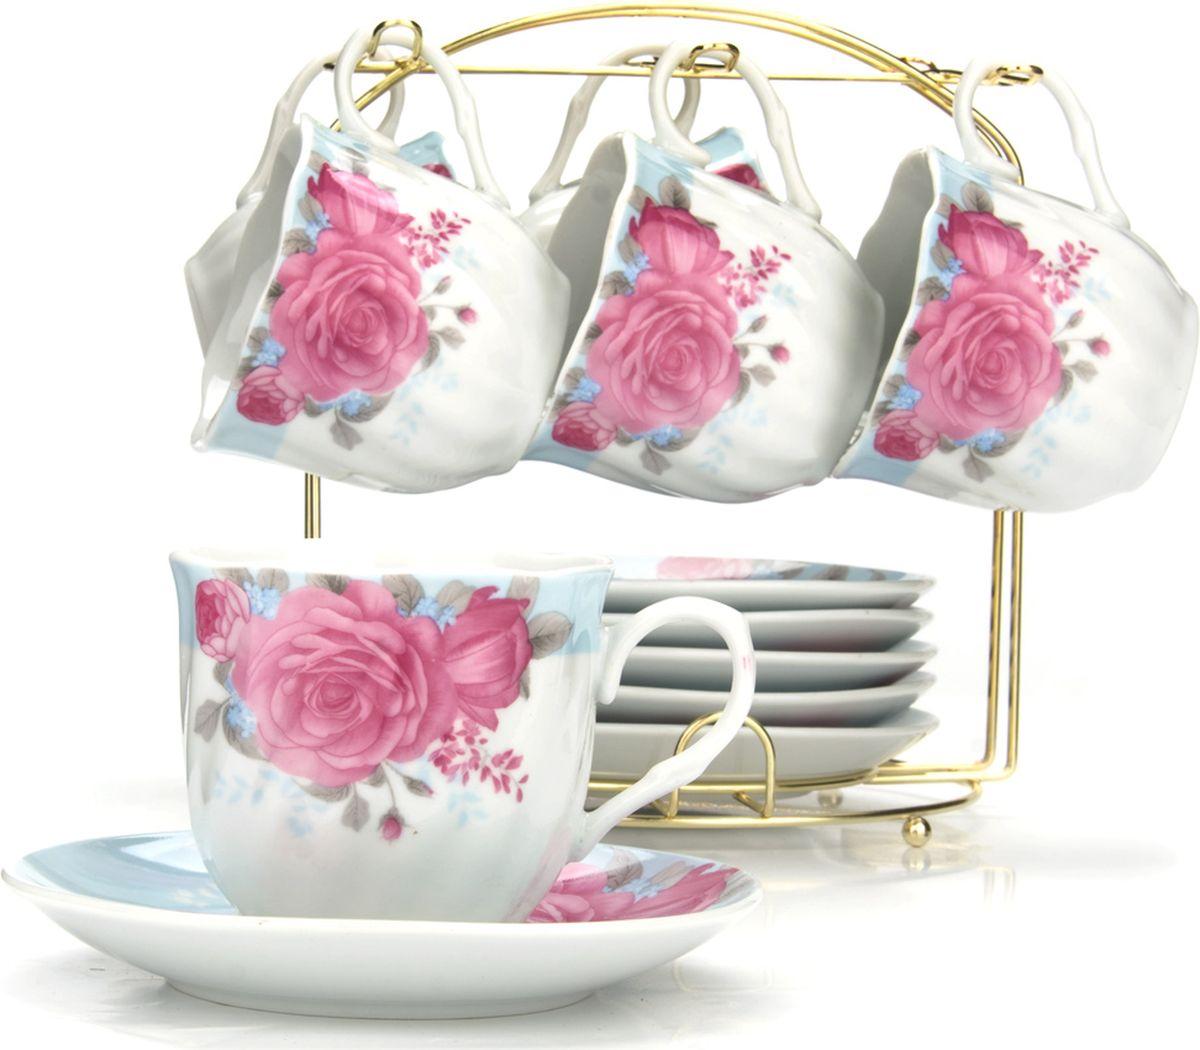 Сервиз чайный Loraine, на подставке, 13 предметов. 43283 сервиз чайный loraine на подставке 13 предметов 43294